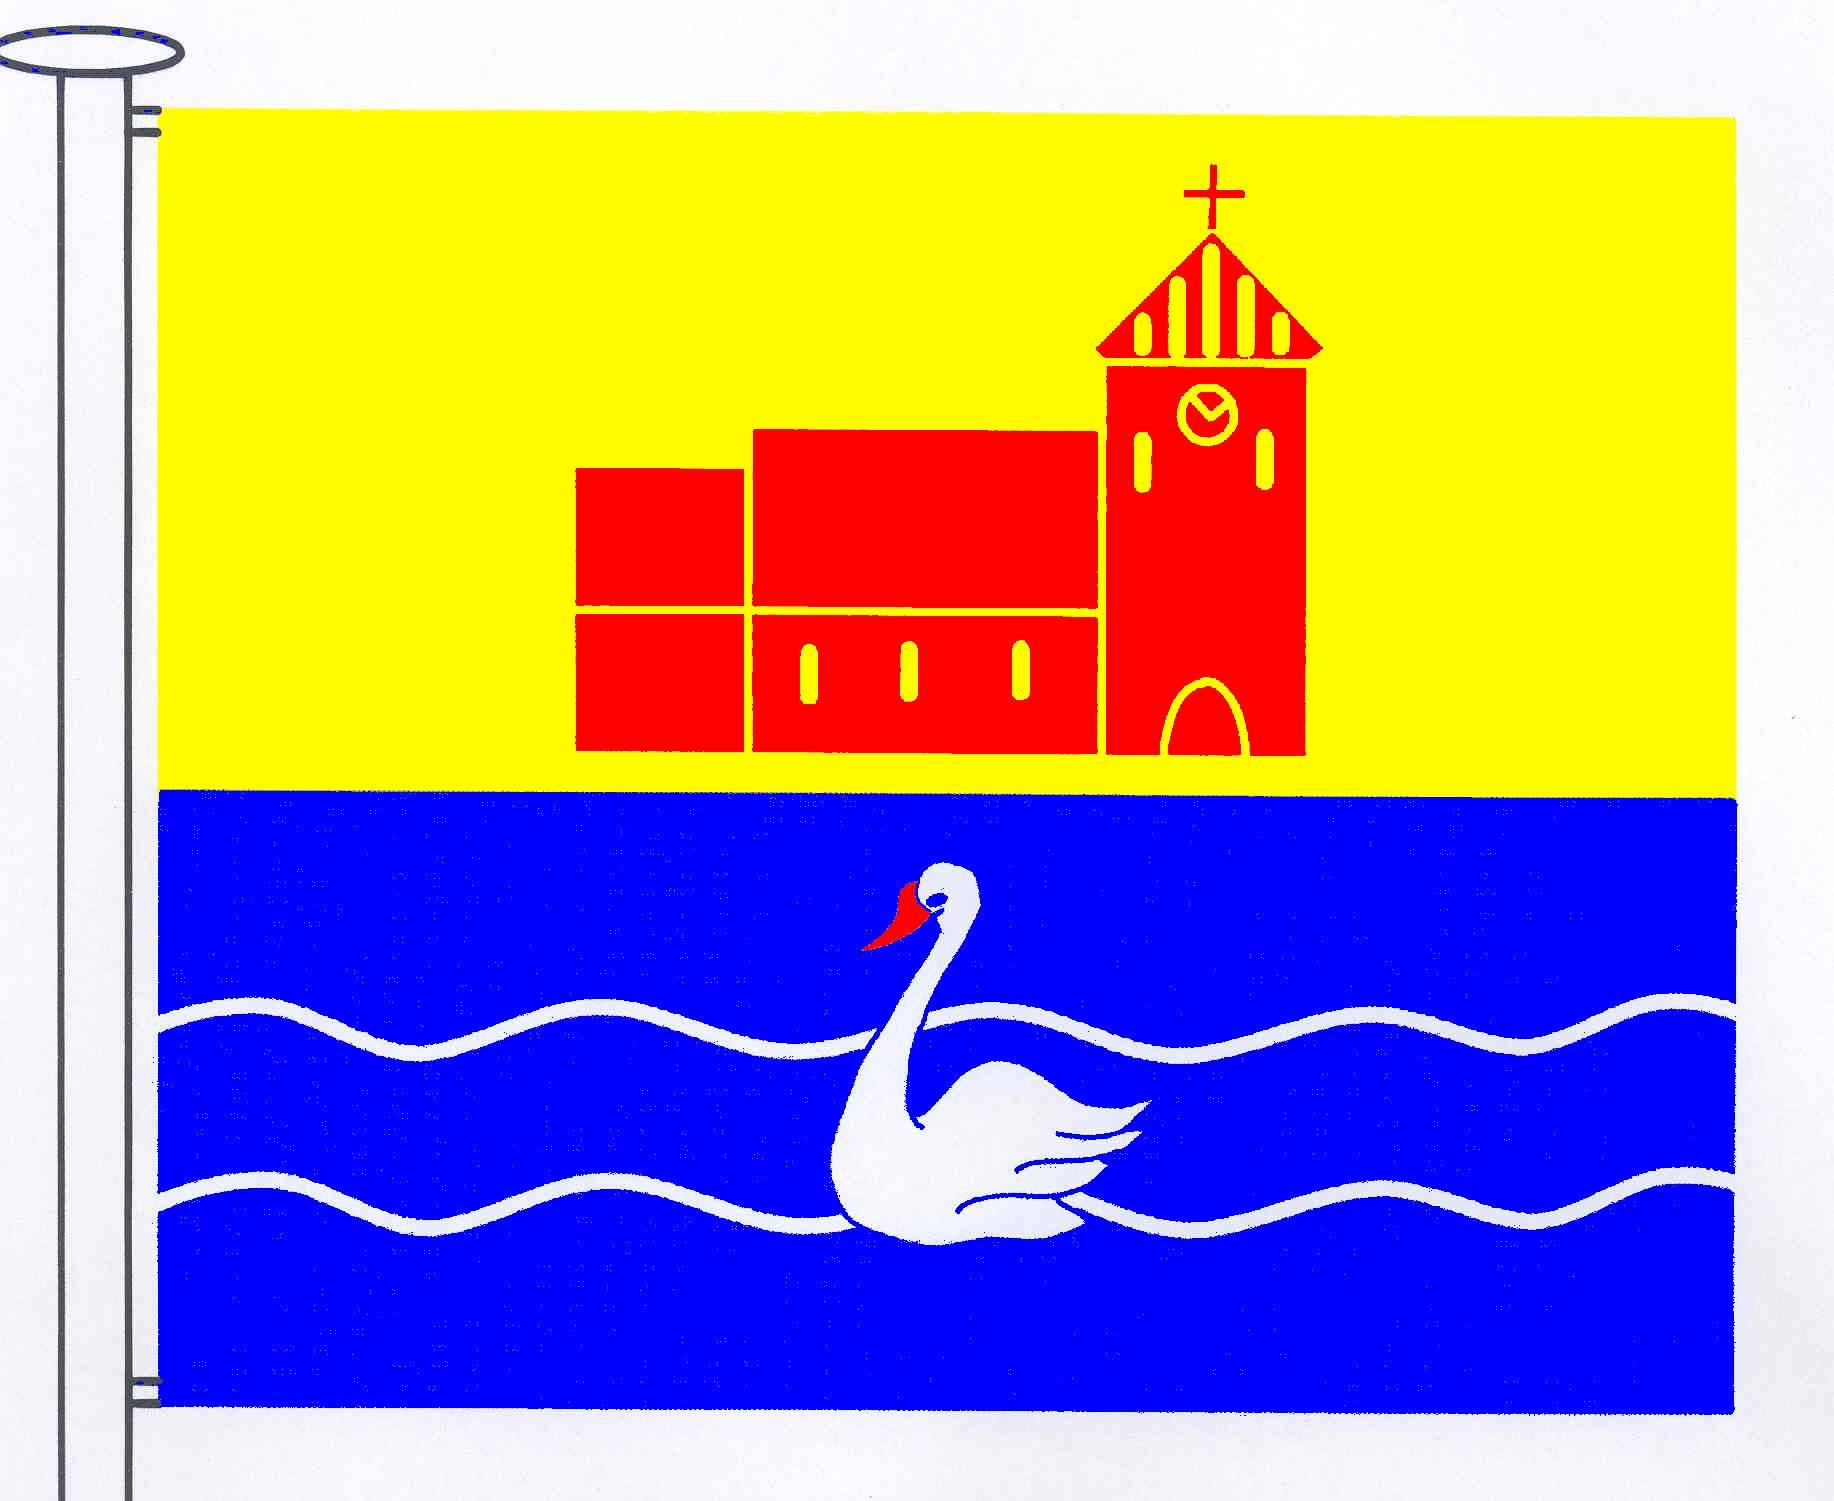 Flagge GemeindeKarby, Kreis Rendsburg-Eckernförde